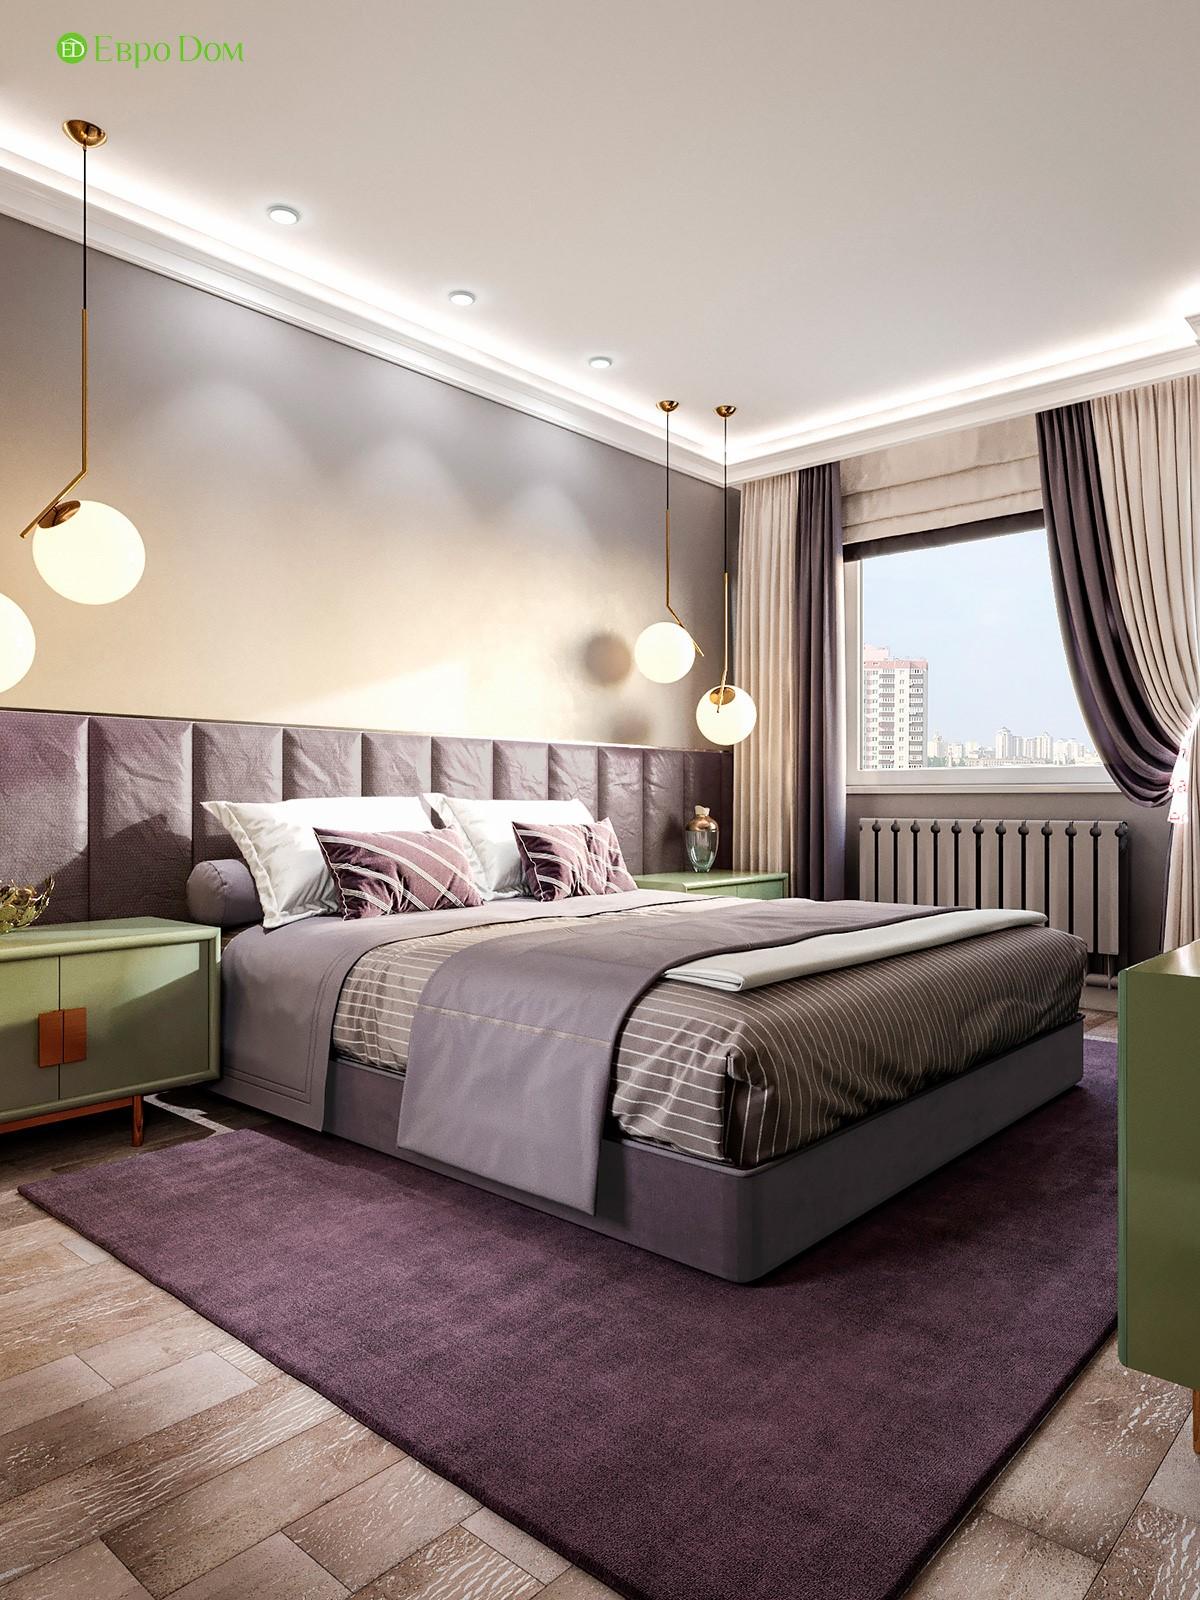 Проект спальни в 2-х комнатной квартире панельного дома